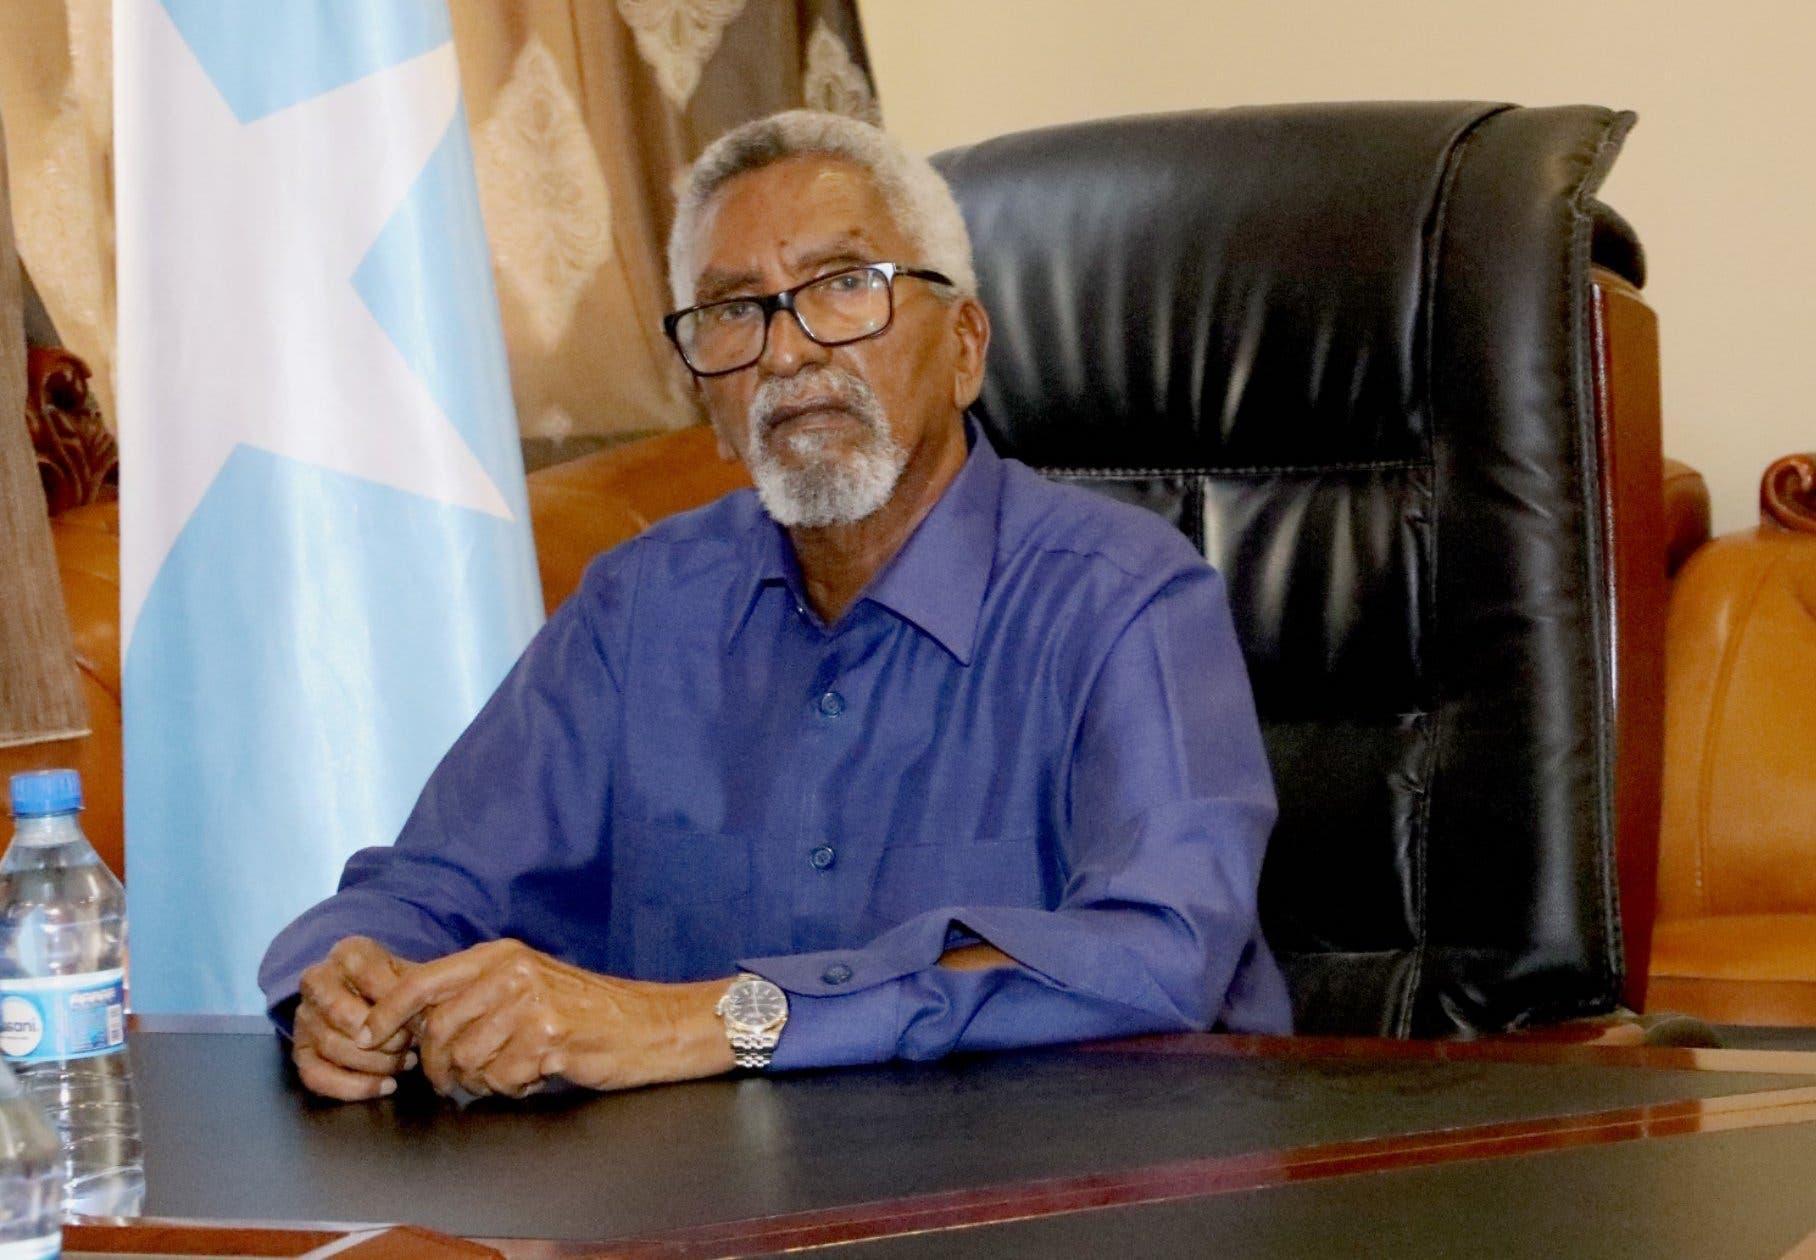 المجلس السياسي لأرض الصومال يقاطع اتنخابات رئيس المفوضية الانتخابية للأقاليم الشمالية